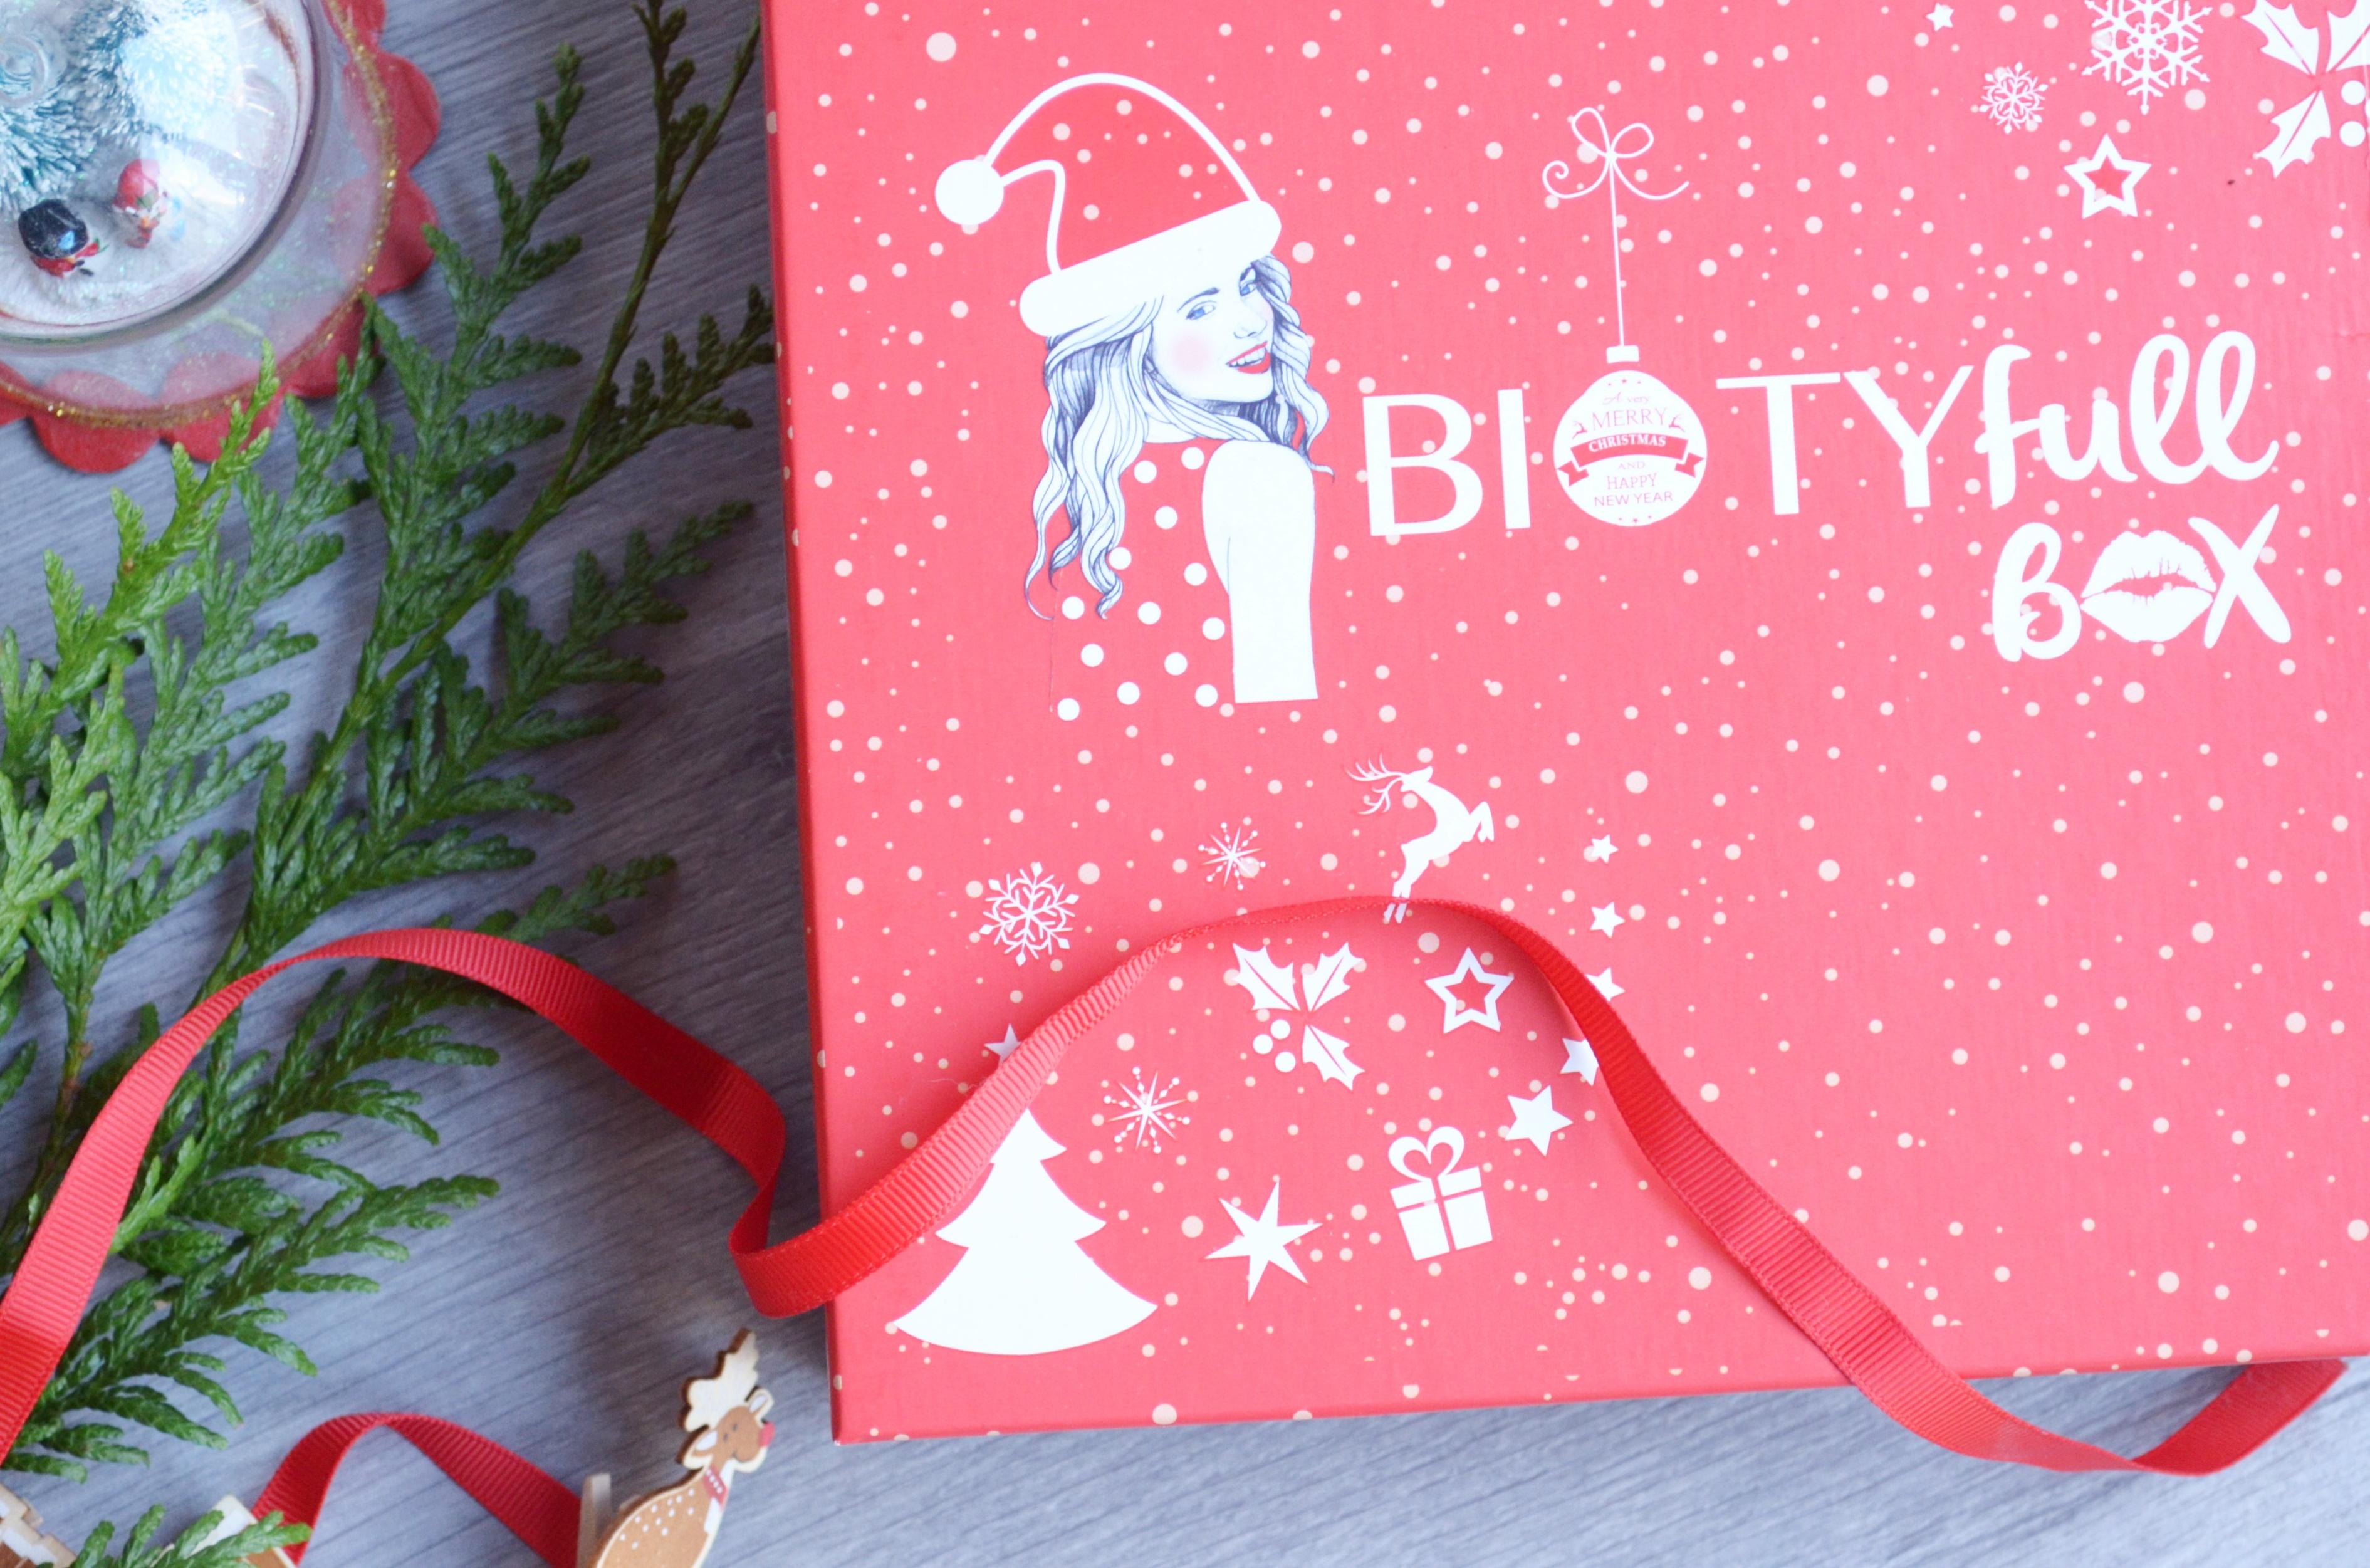 Biotyfull box de décembre : avis et analyse de la composition des produits